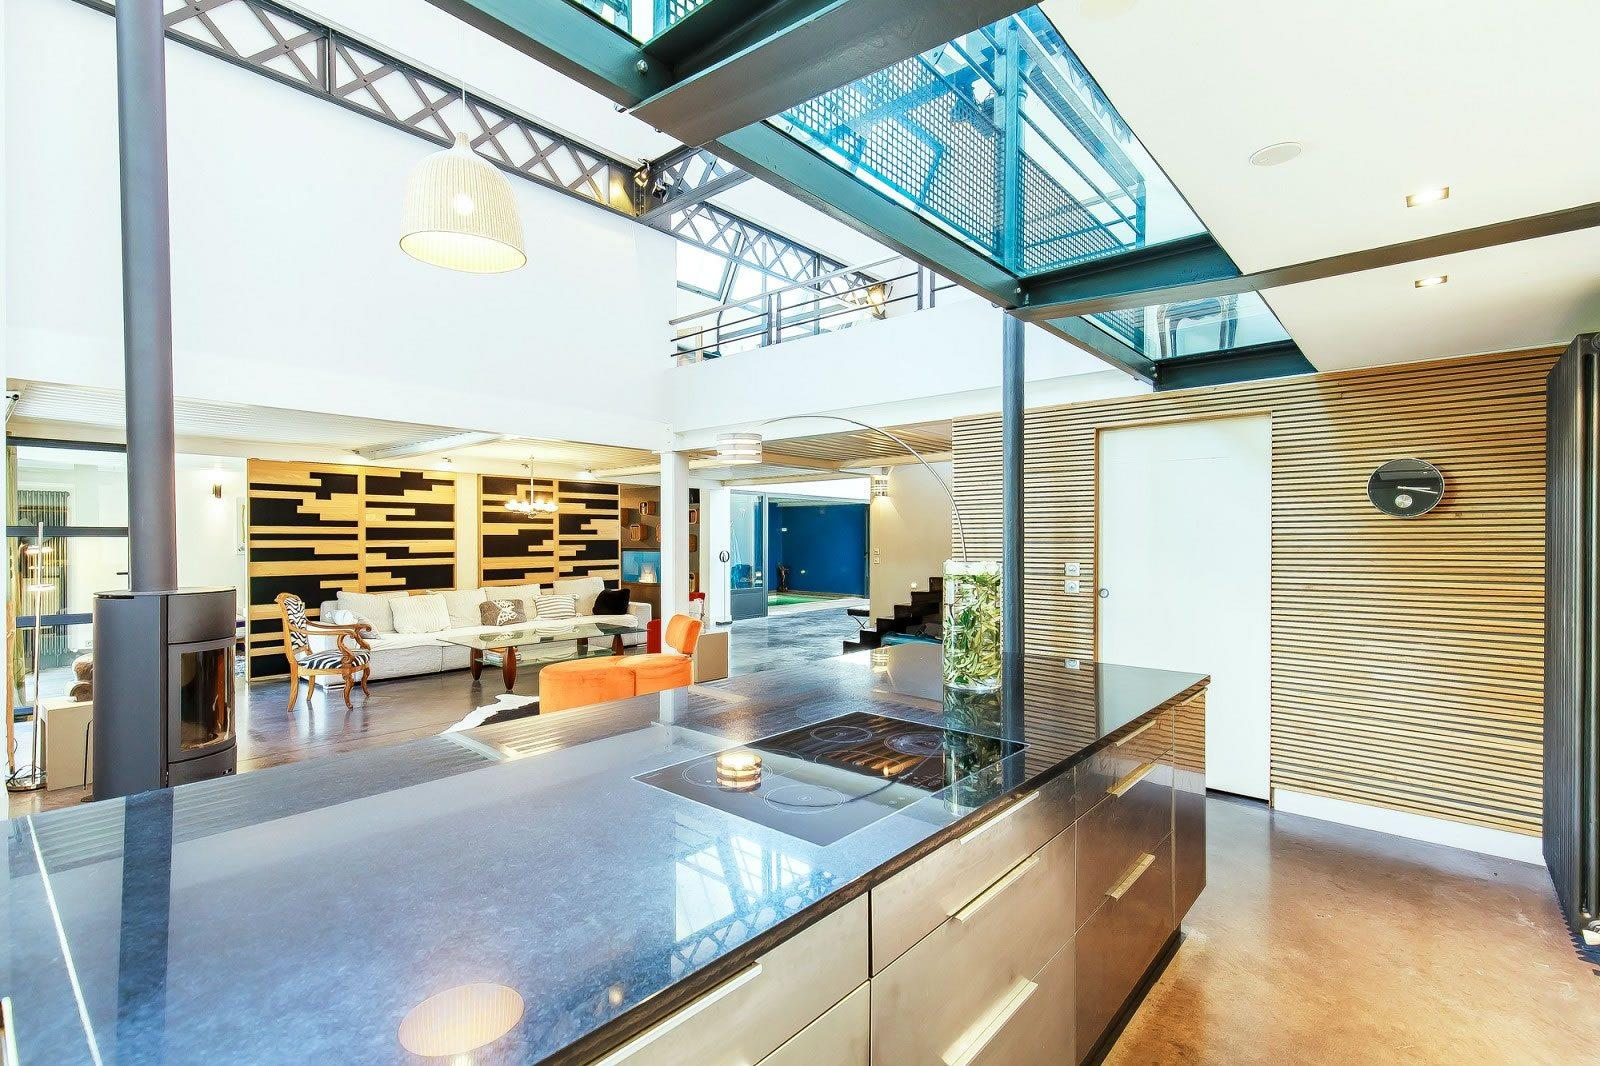 belle-maison-a-vendre-villa-amenagee-quartier-croix-rousse-piscine-atelier